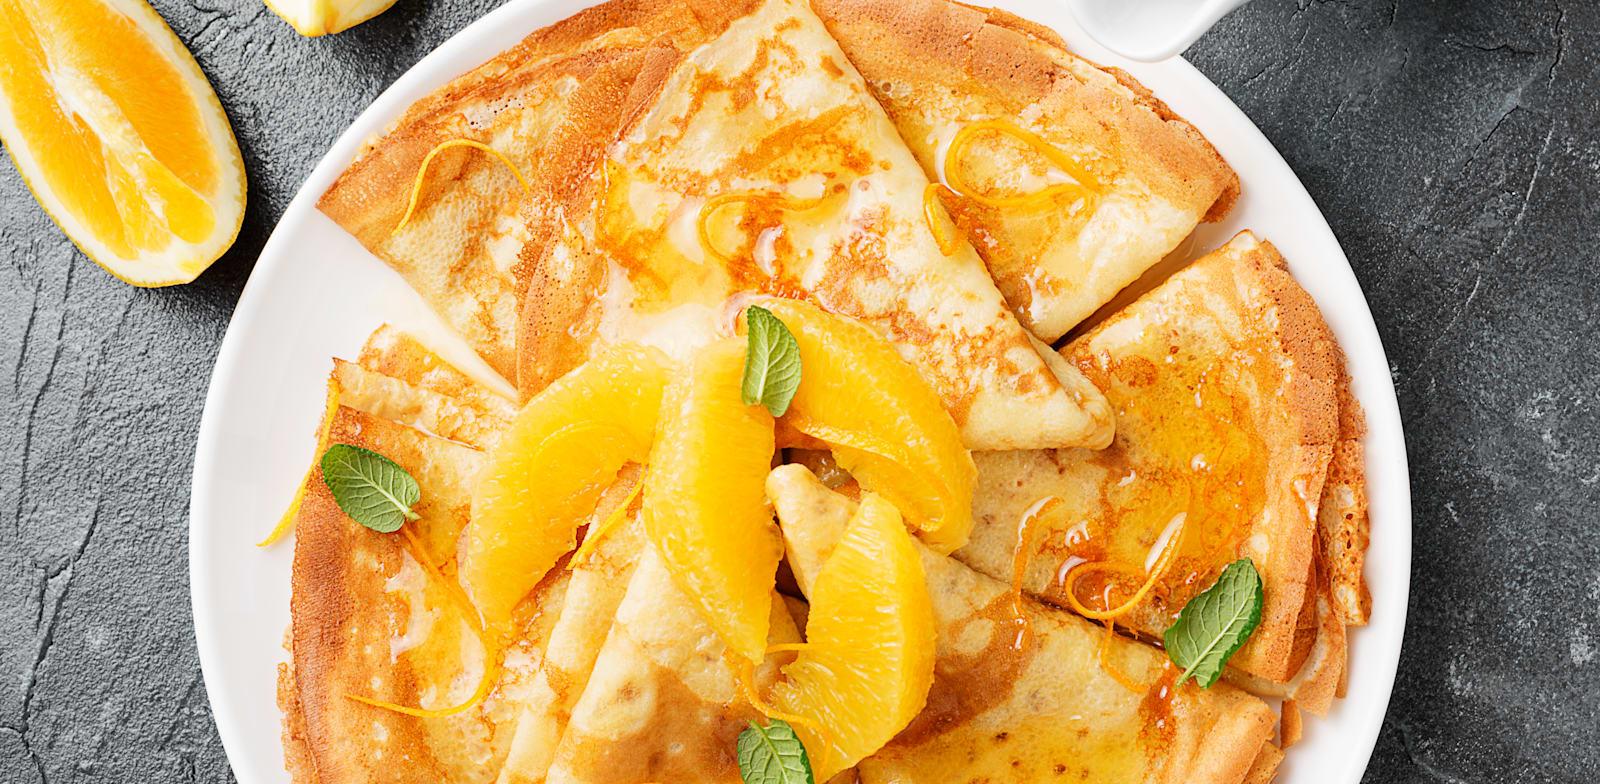 קרפ סוזט ברוטב תפוזים / צילום: Shutterstock